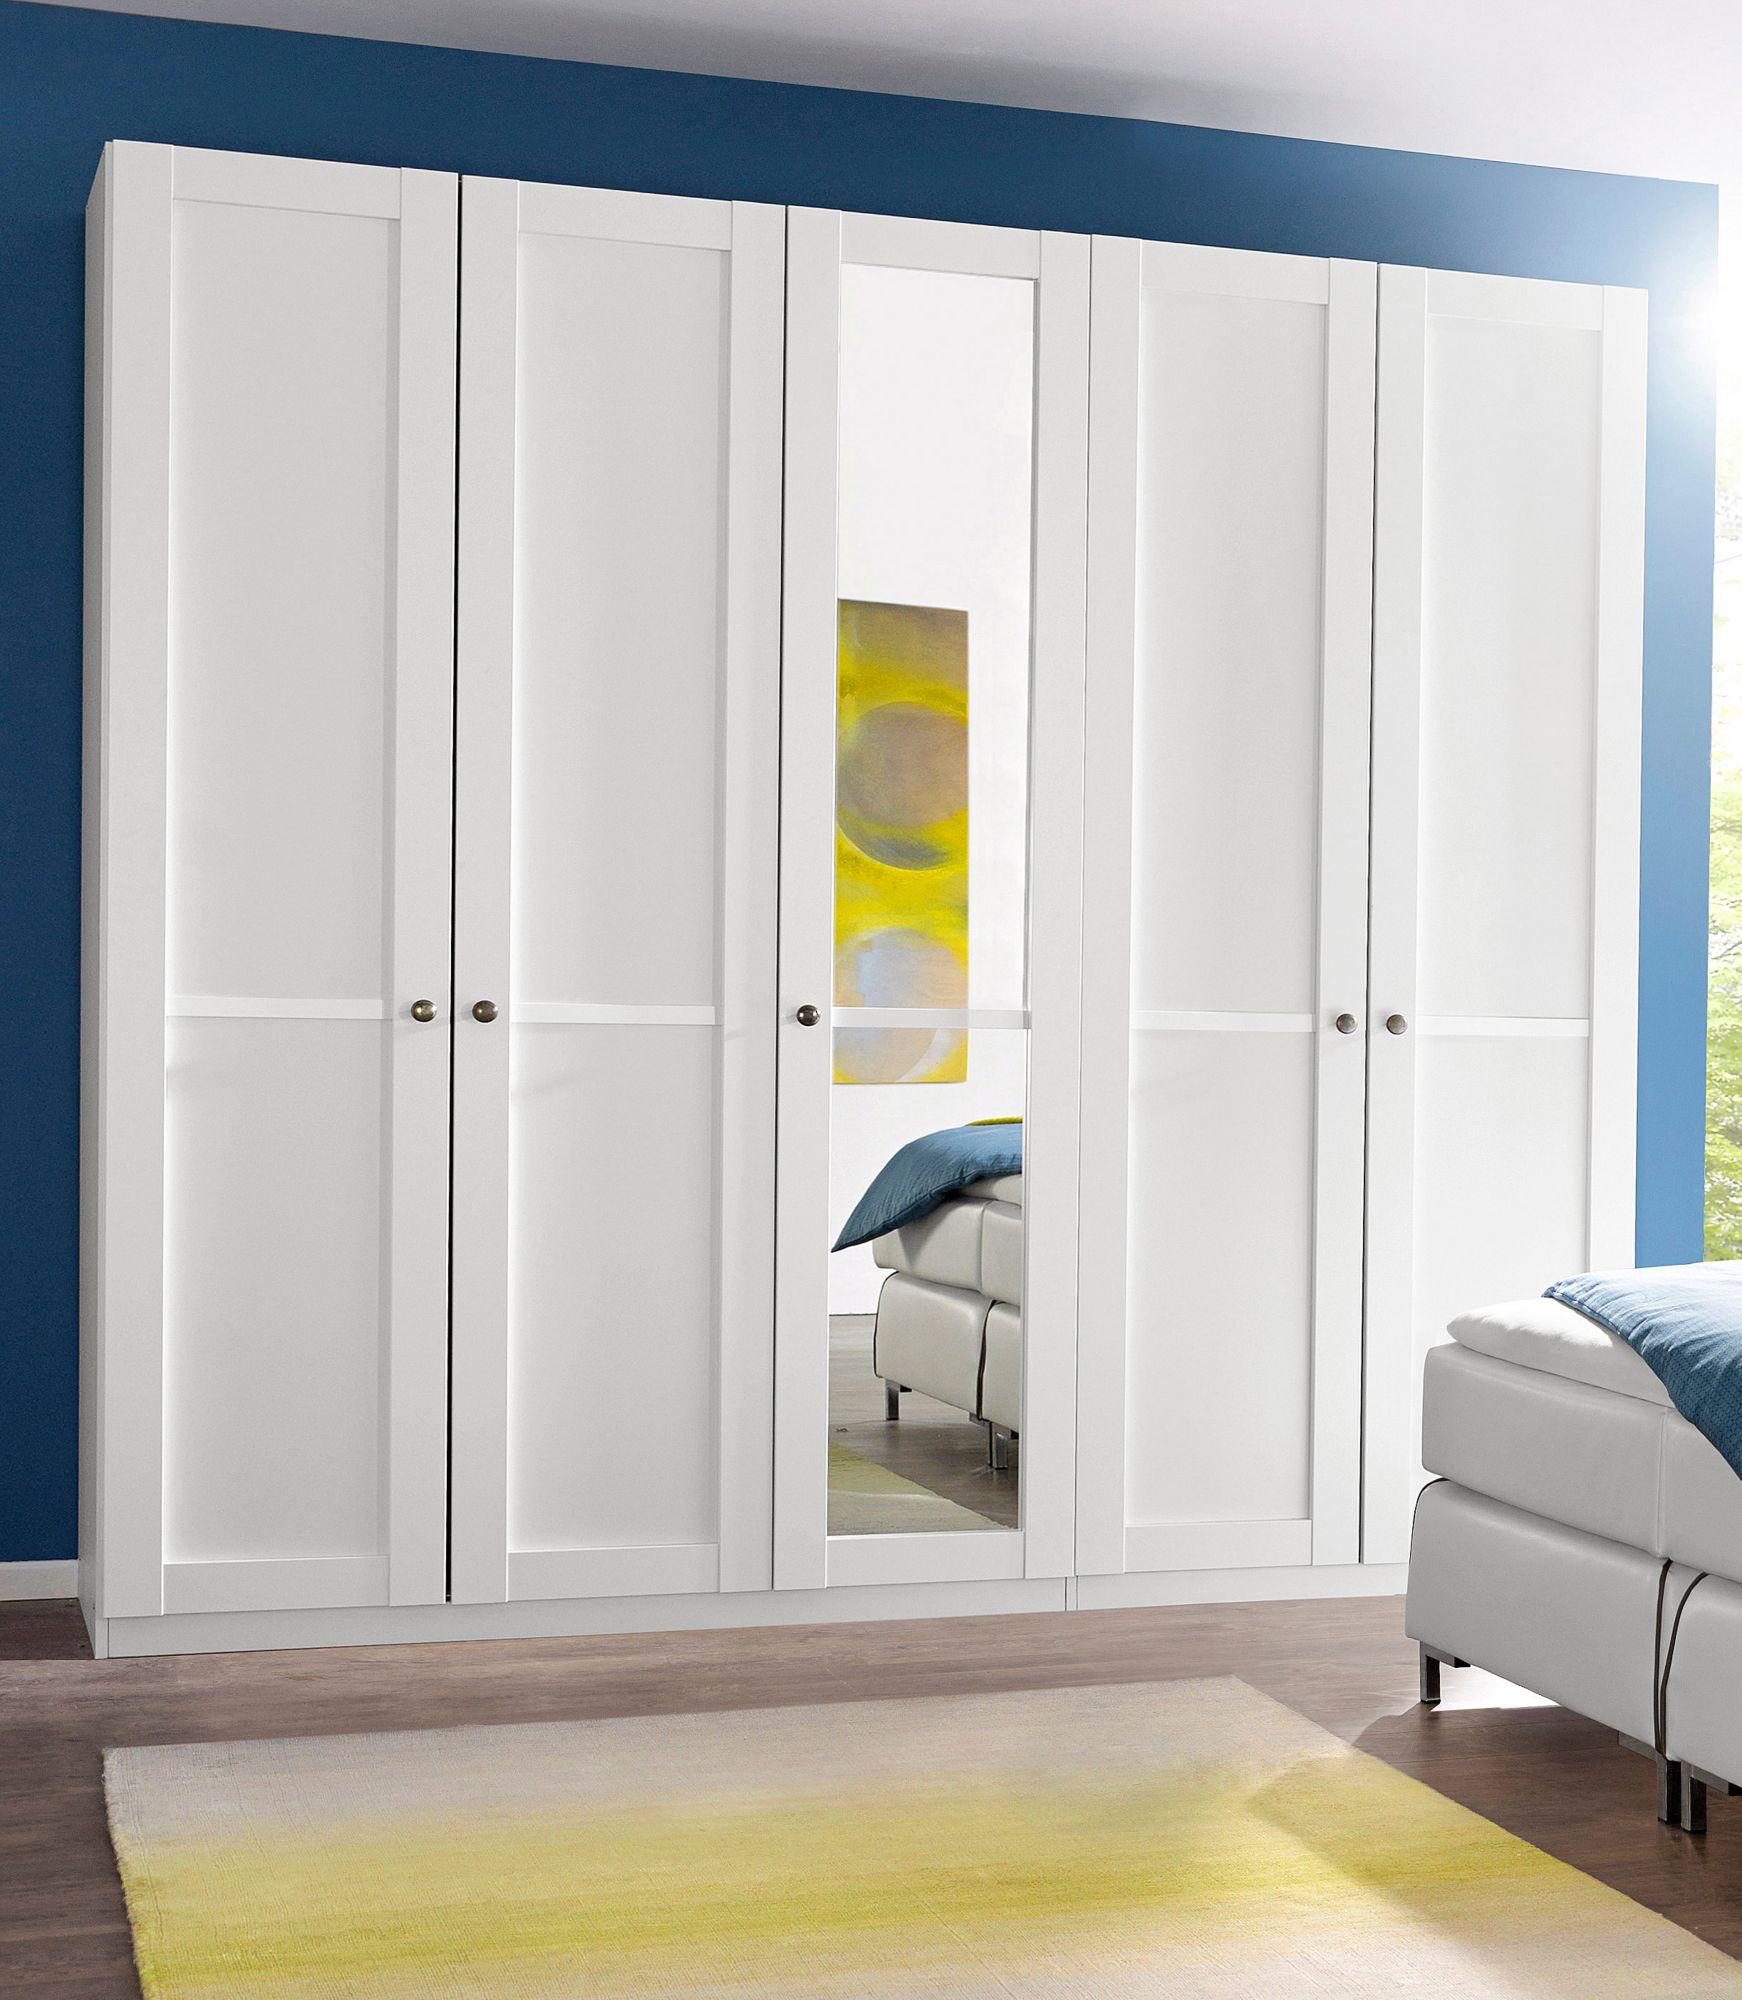 rauch kleiderschrank schwab versand dreht renschr nke. Black Bedroom Furniture Sets. Home Design Ideas